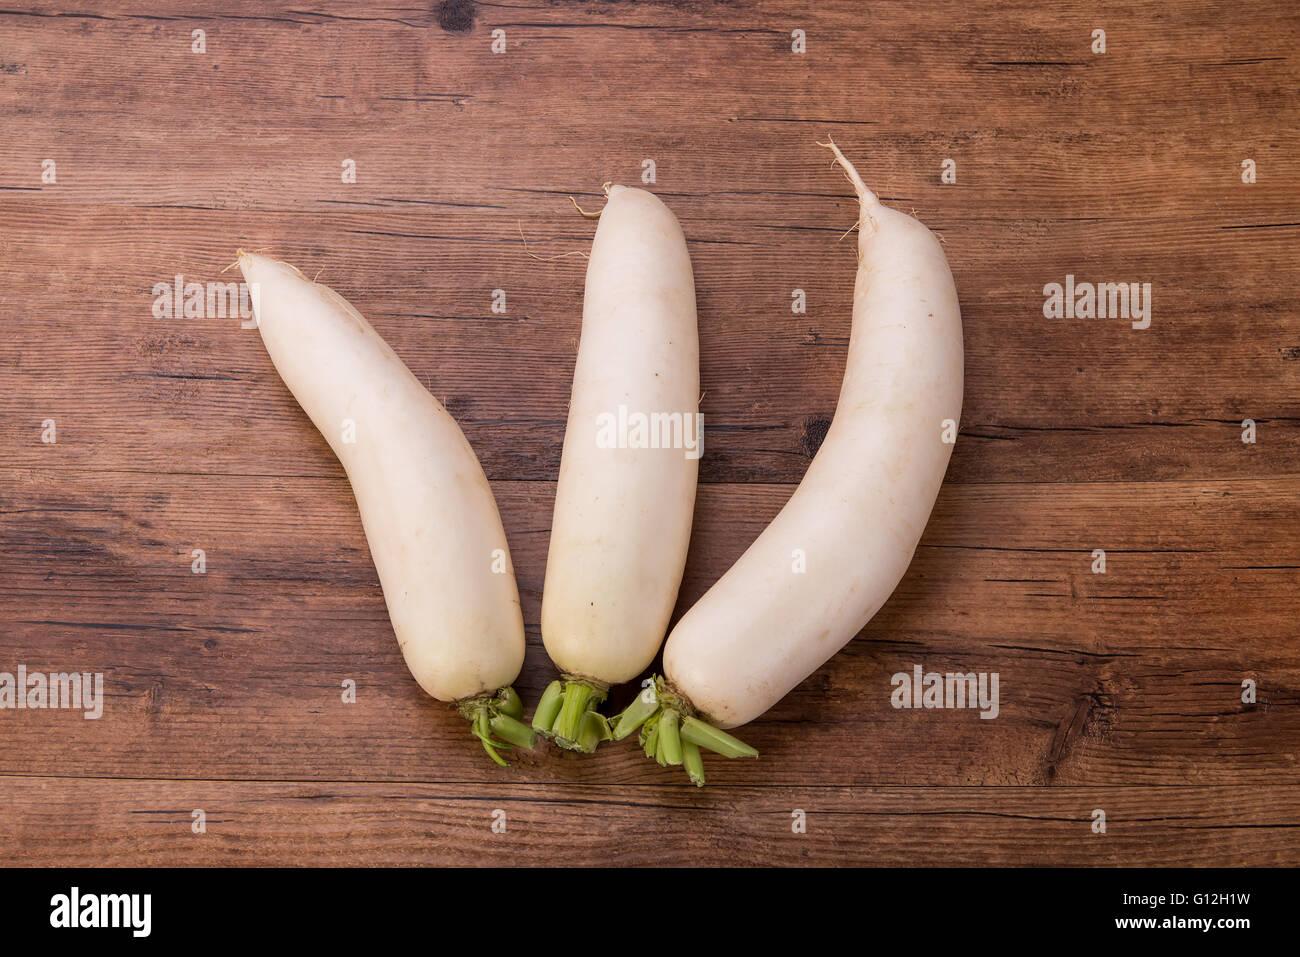 Daikon radish on the wood background Stock Photo